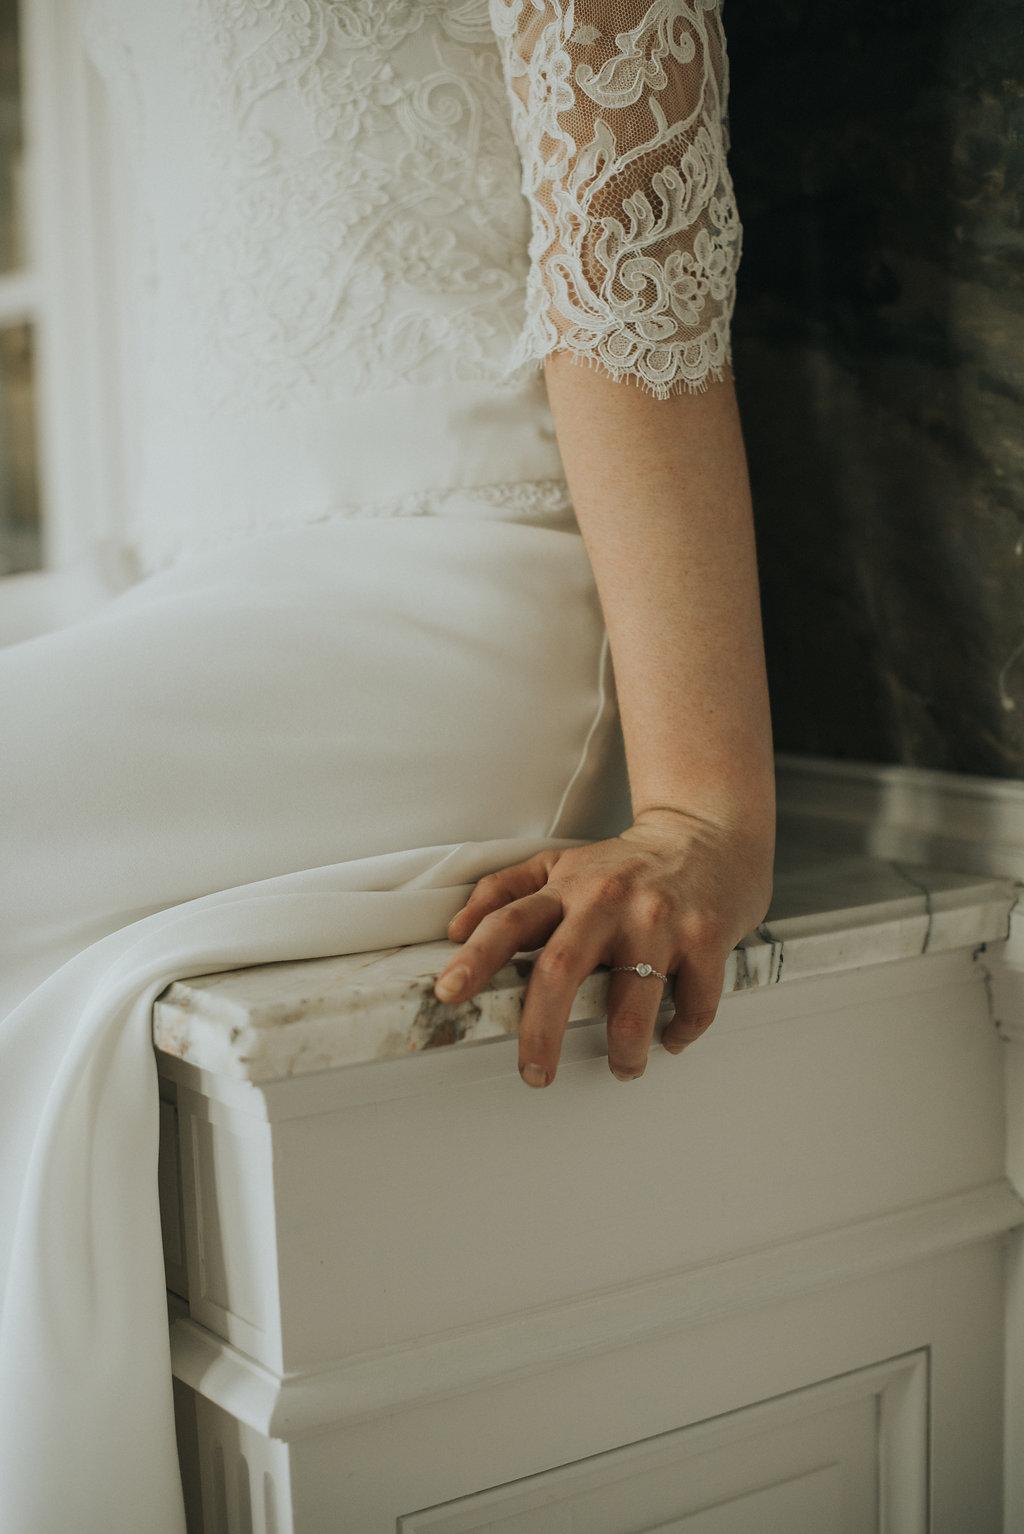 Léa-Fery-photographe-professionnel-lyon-rhone-alpes-portrait-creation-mariage-evenement-evenementiel-famille-7452.jpg